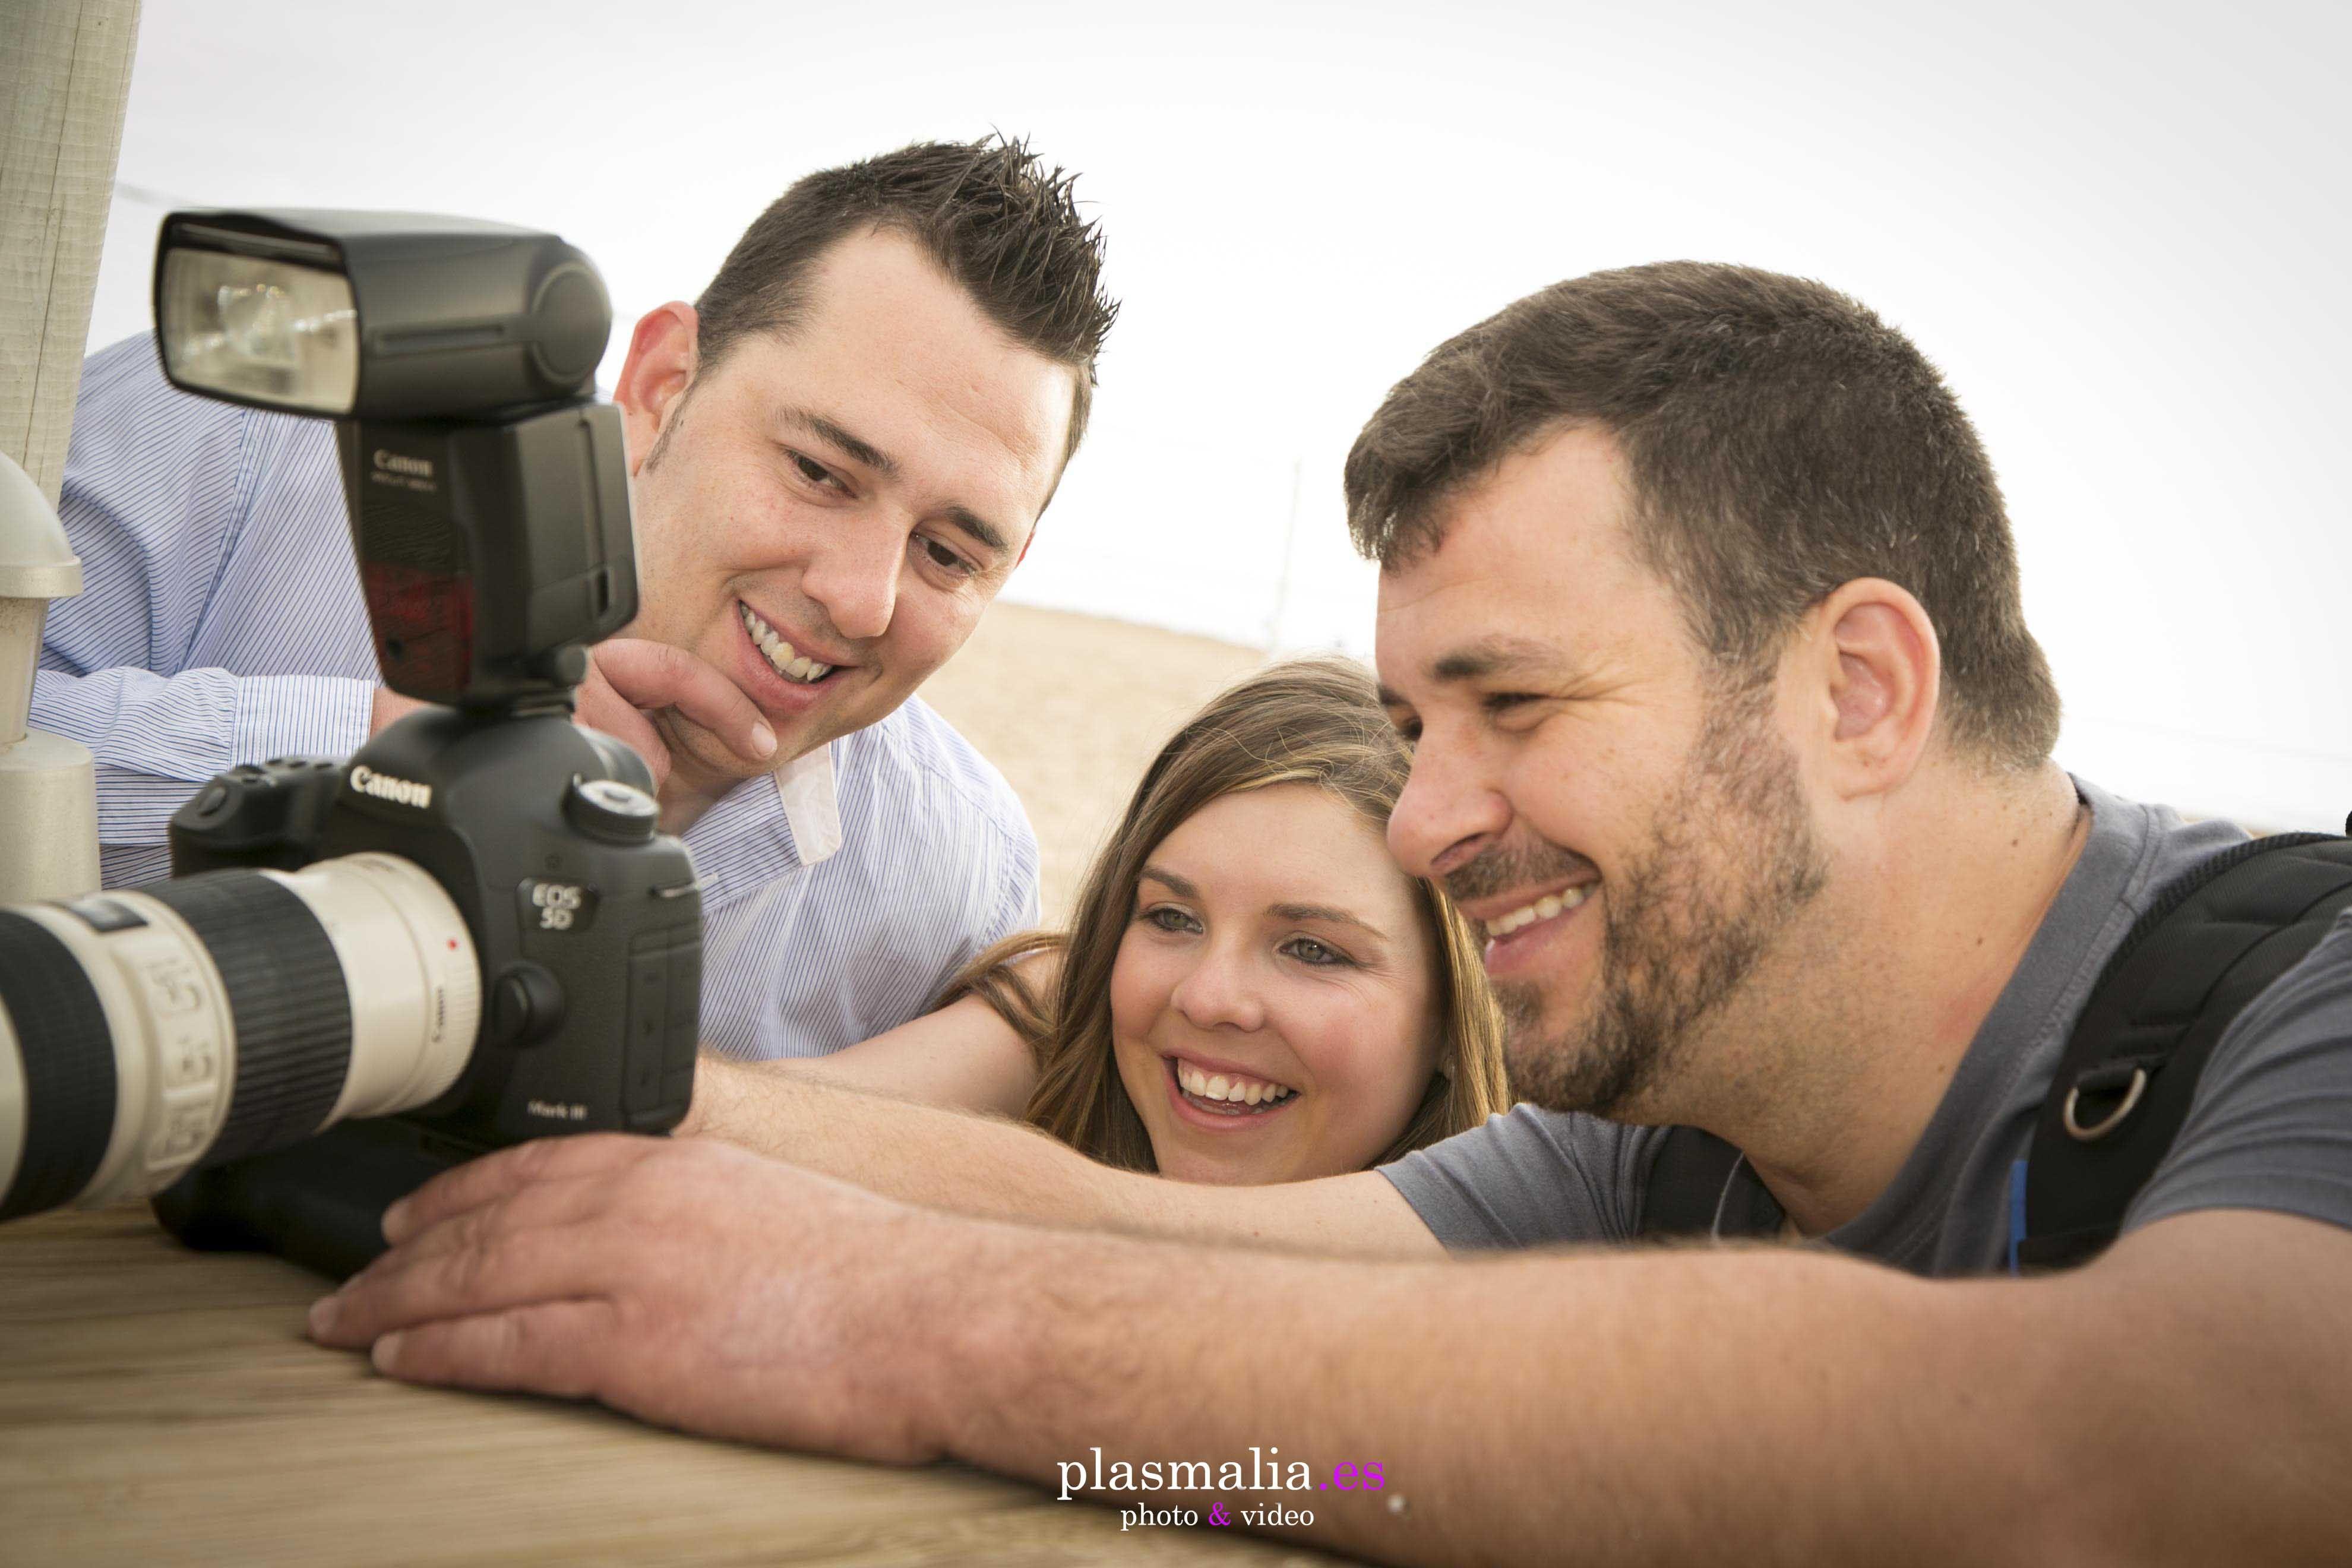 Fotógrafo enseñando el reportaje de boda original a los novios